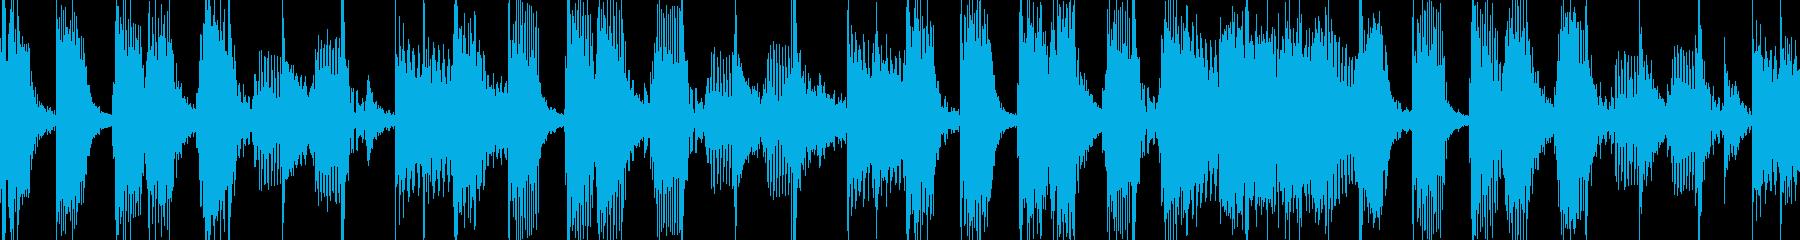 Brassメインのバンドサウンドの再生済みの波形